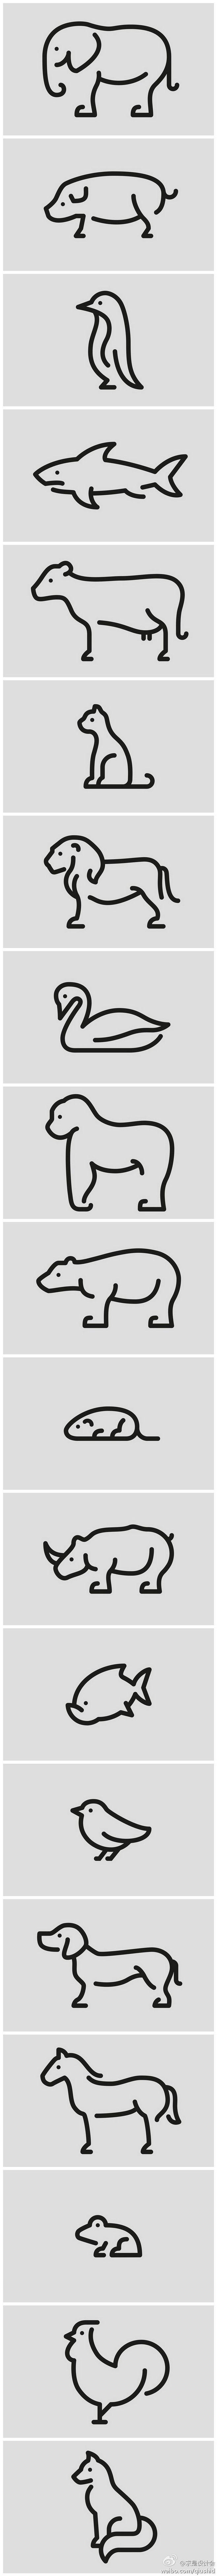 德国平面设计师Jan Filek的简约动...@饭饭稀采集到创意(59图)_花瓣手工/布艺